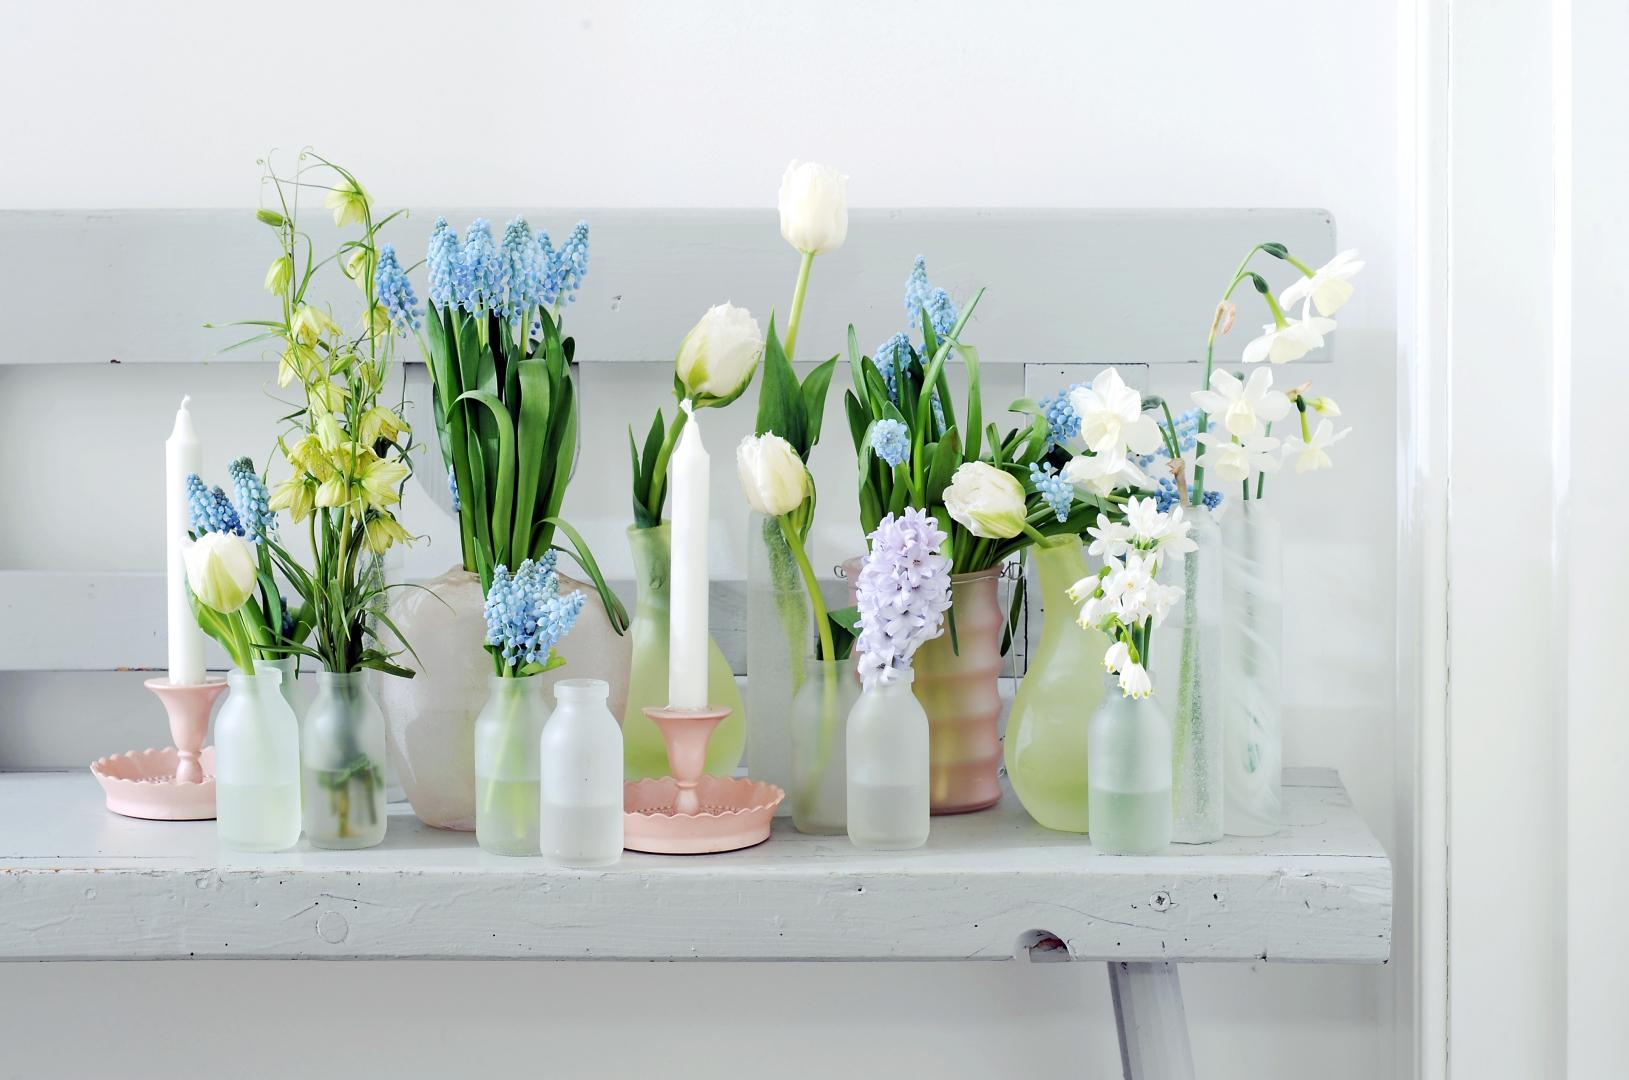 Groen wonen haal de lente in huis met bloemen stijlvol styling woonblog - Mooie interieurdecoratie ...